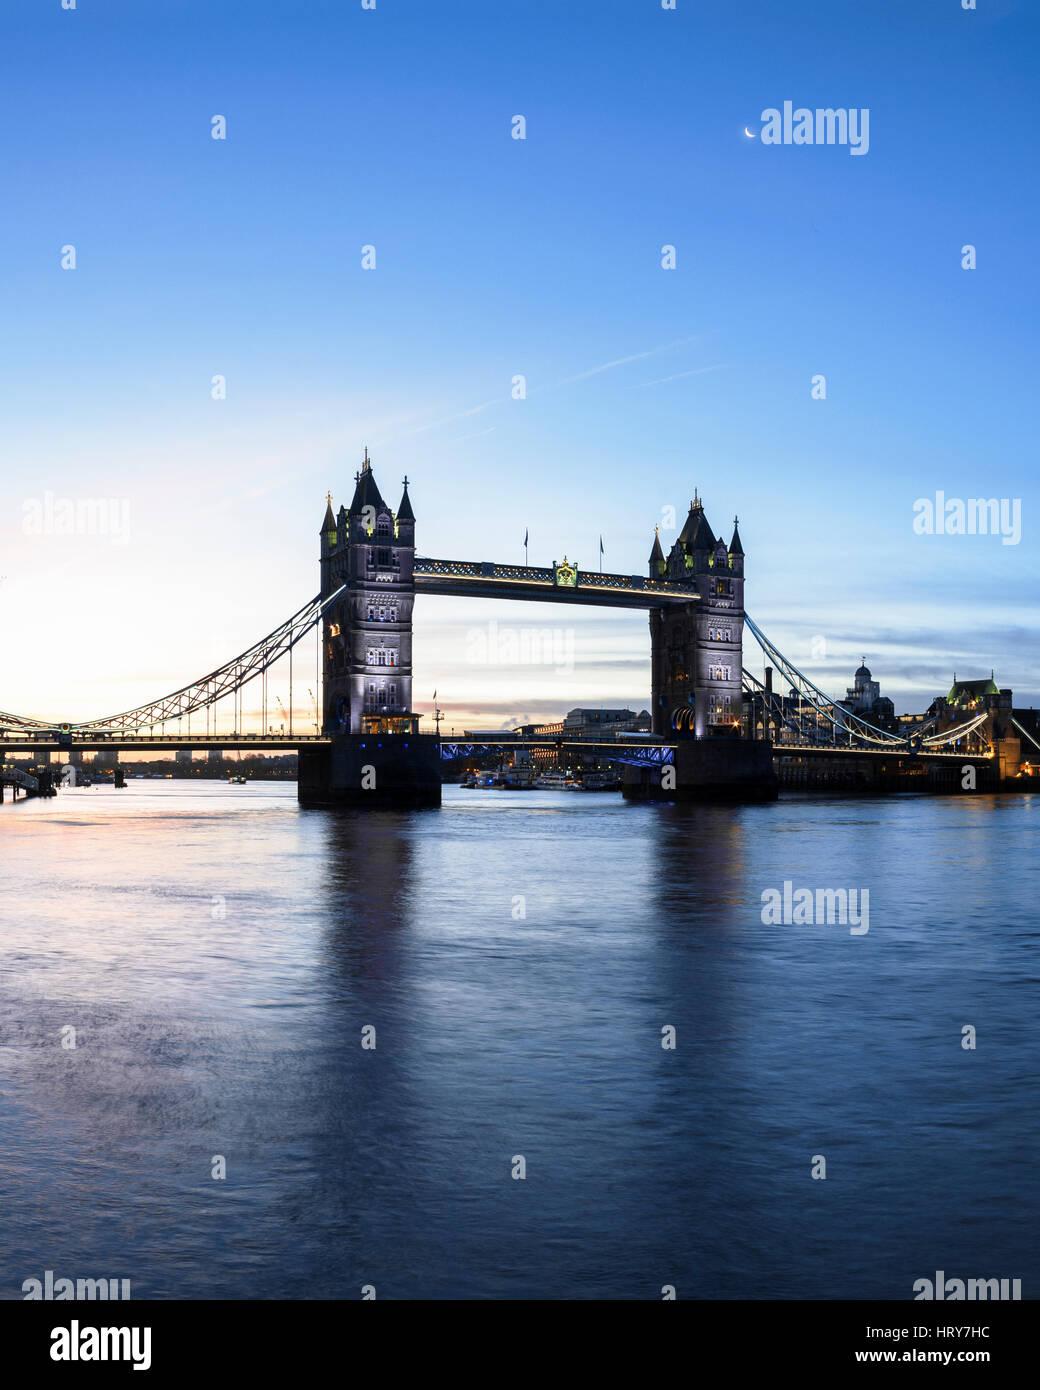 Le Tower Bridge et la Tamise illuminée au crépuscule, London, UK Photo Stock